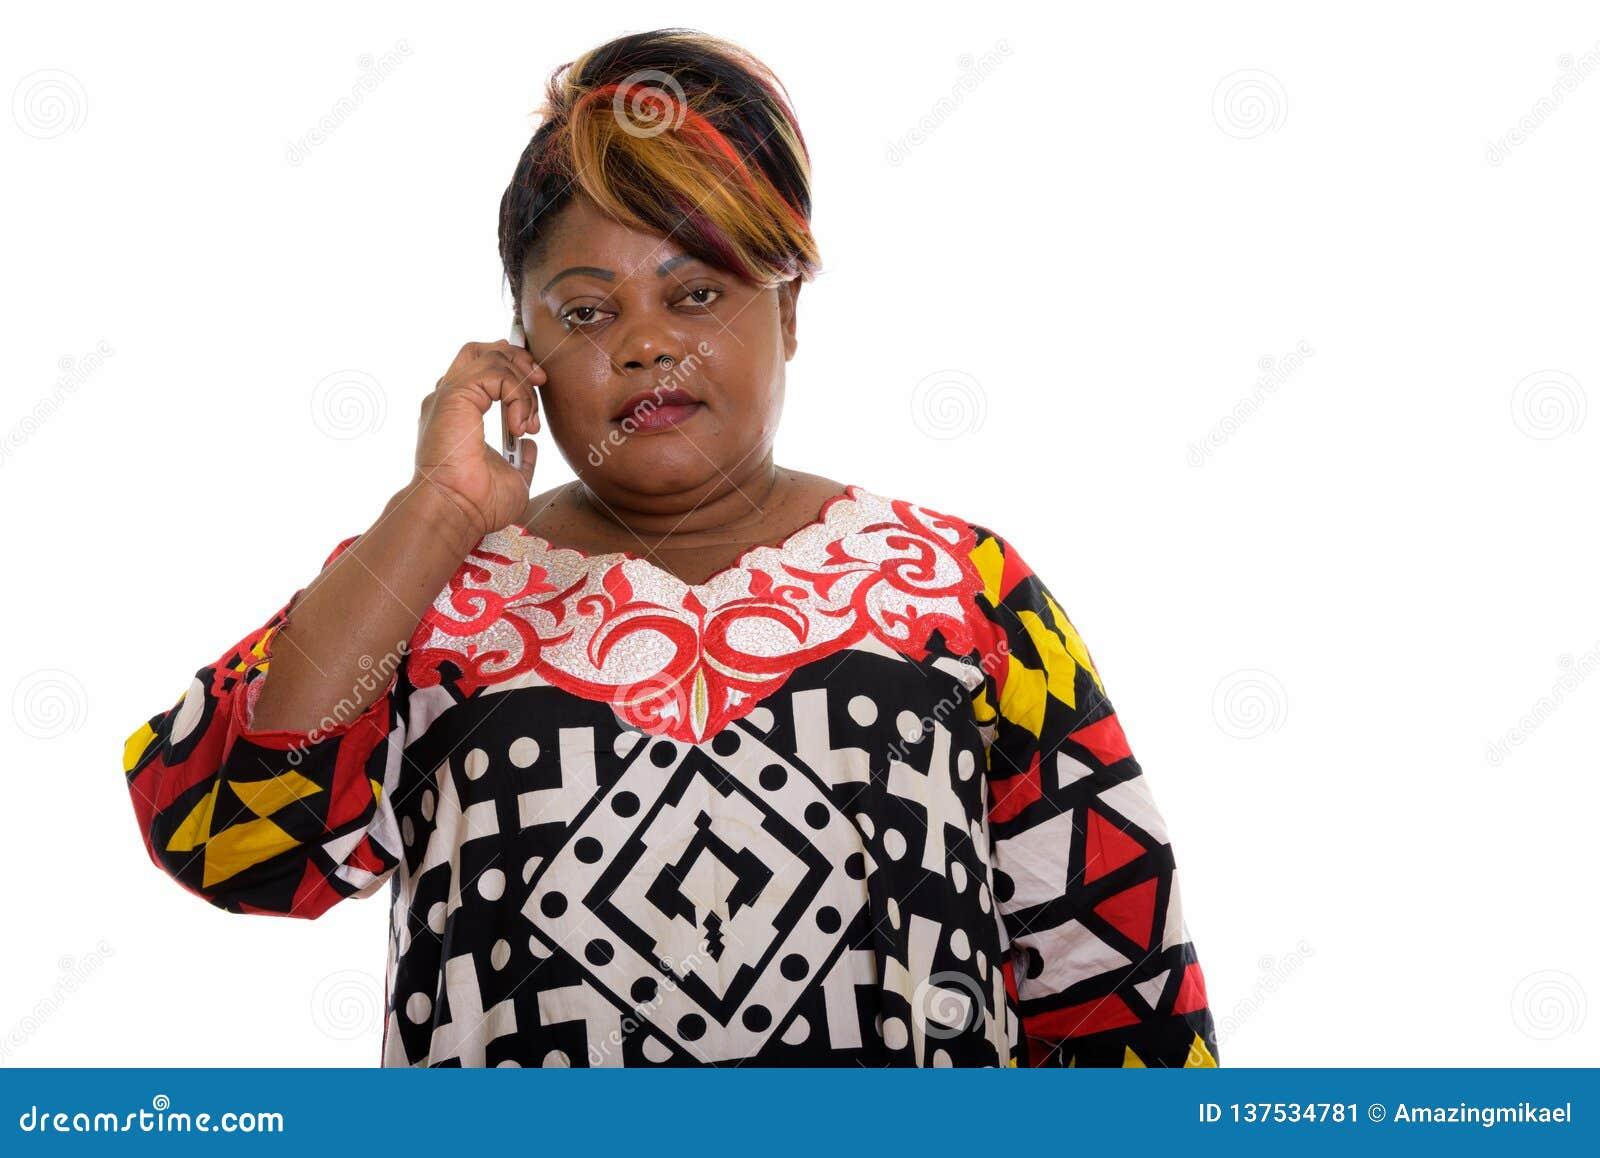 Woman fat pictures black Jane Hilton: